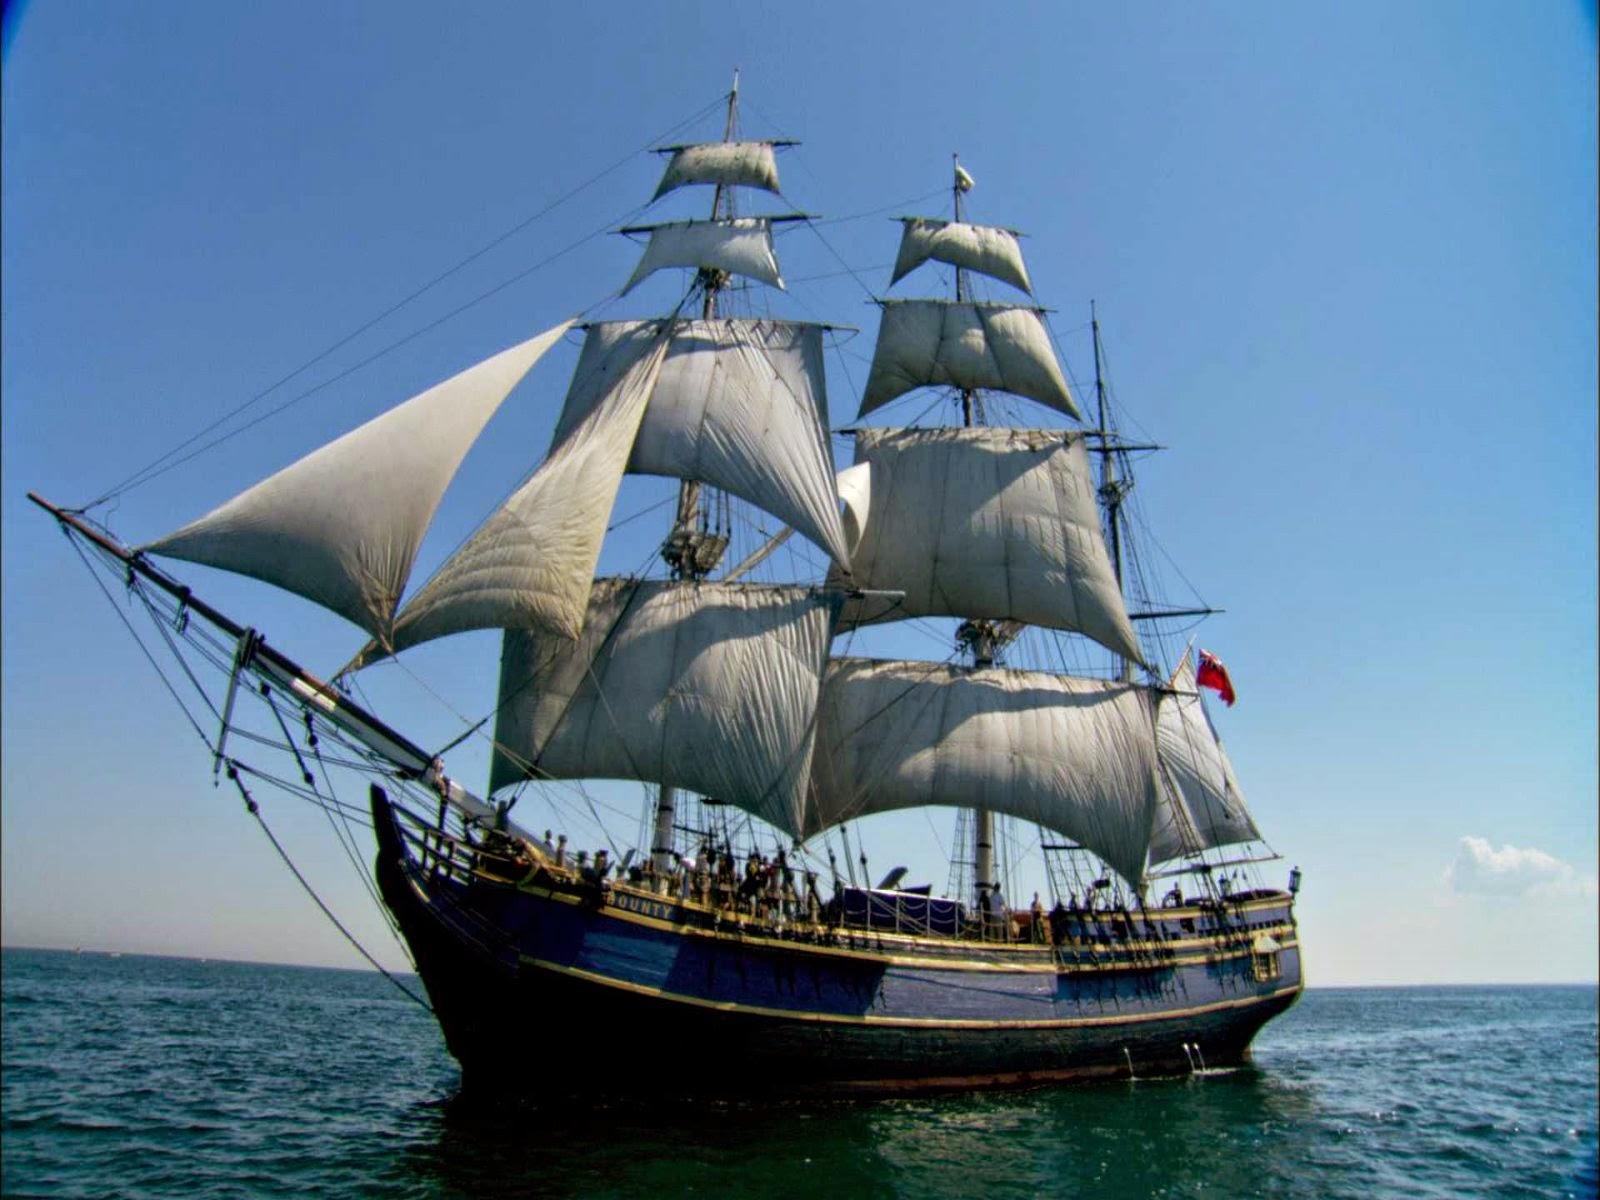 bateau pirate wallpaper - photo #19